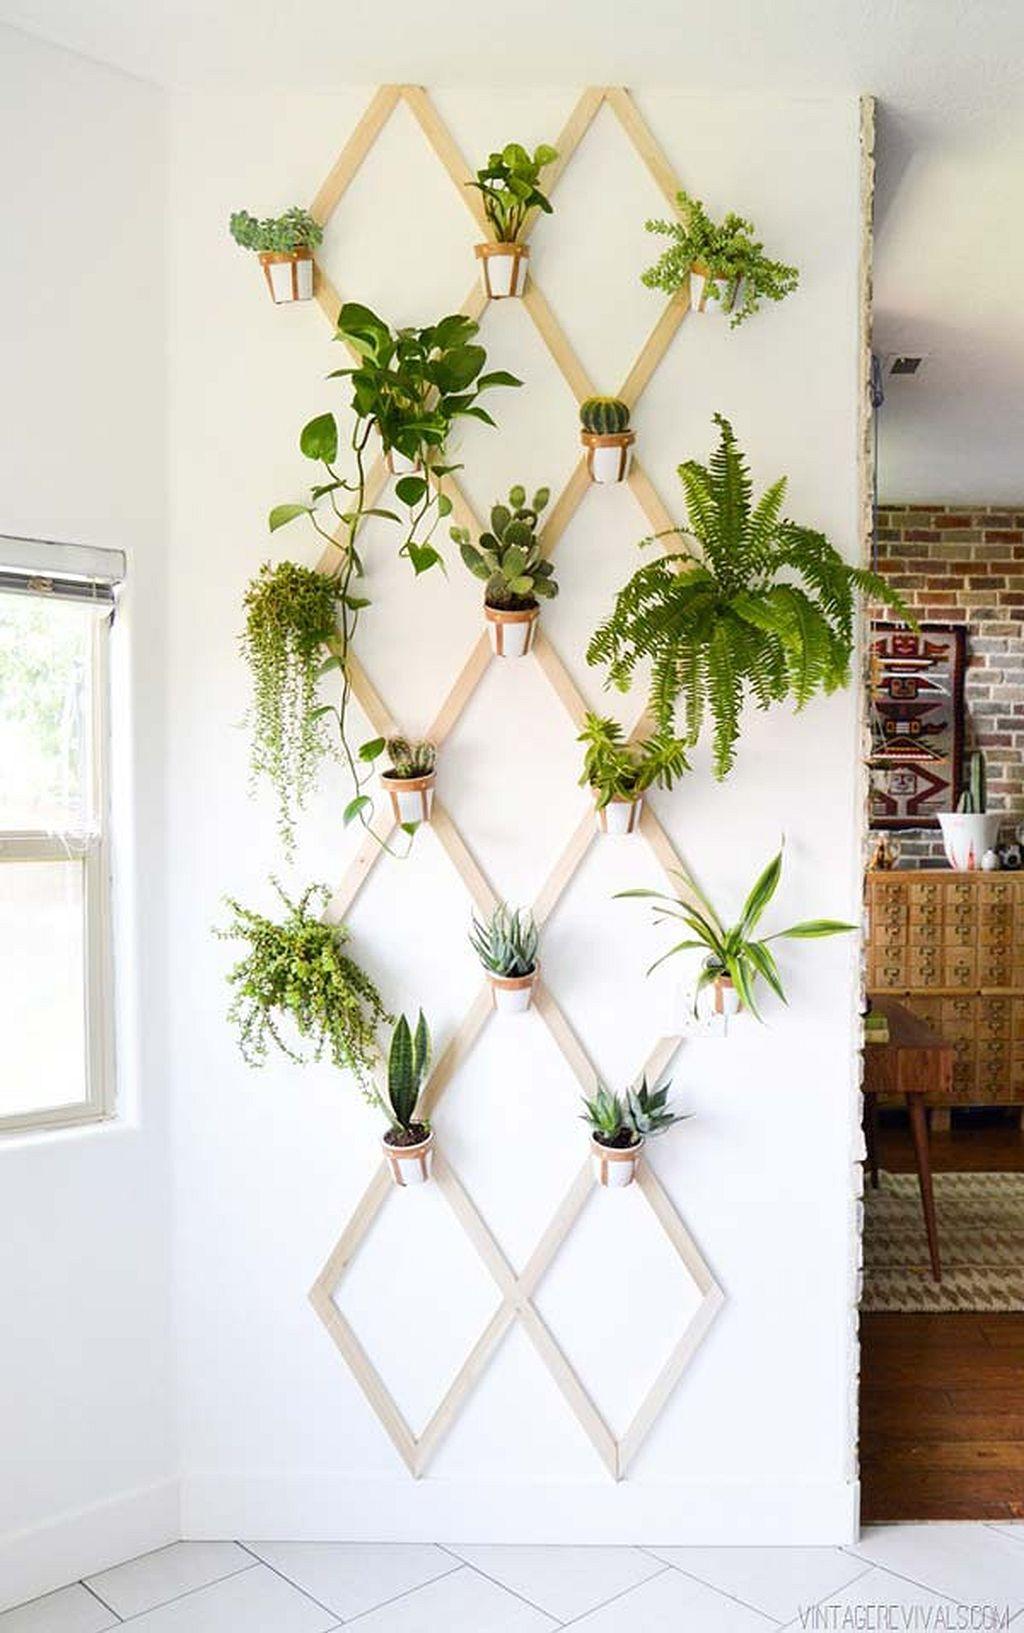 30+ Mini Indoor Garden Ideas to Green Your Home | Garden ideas ...